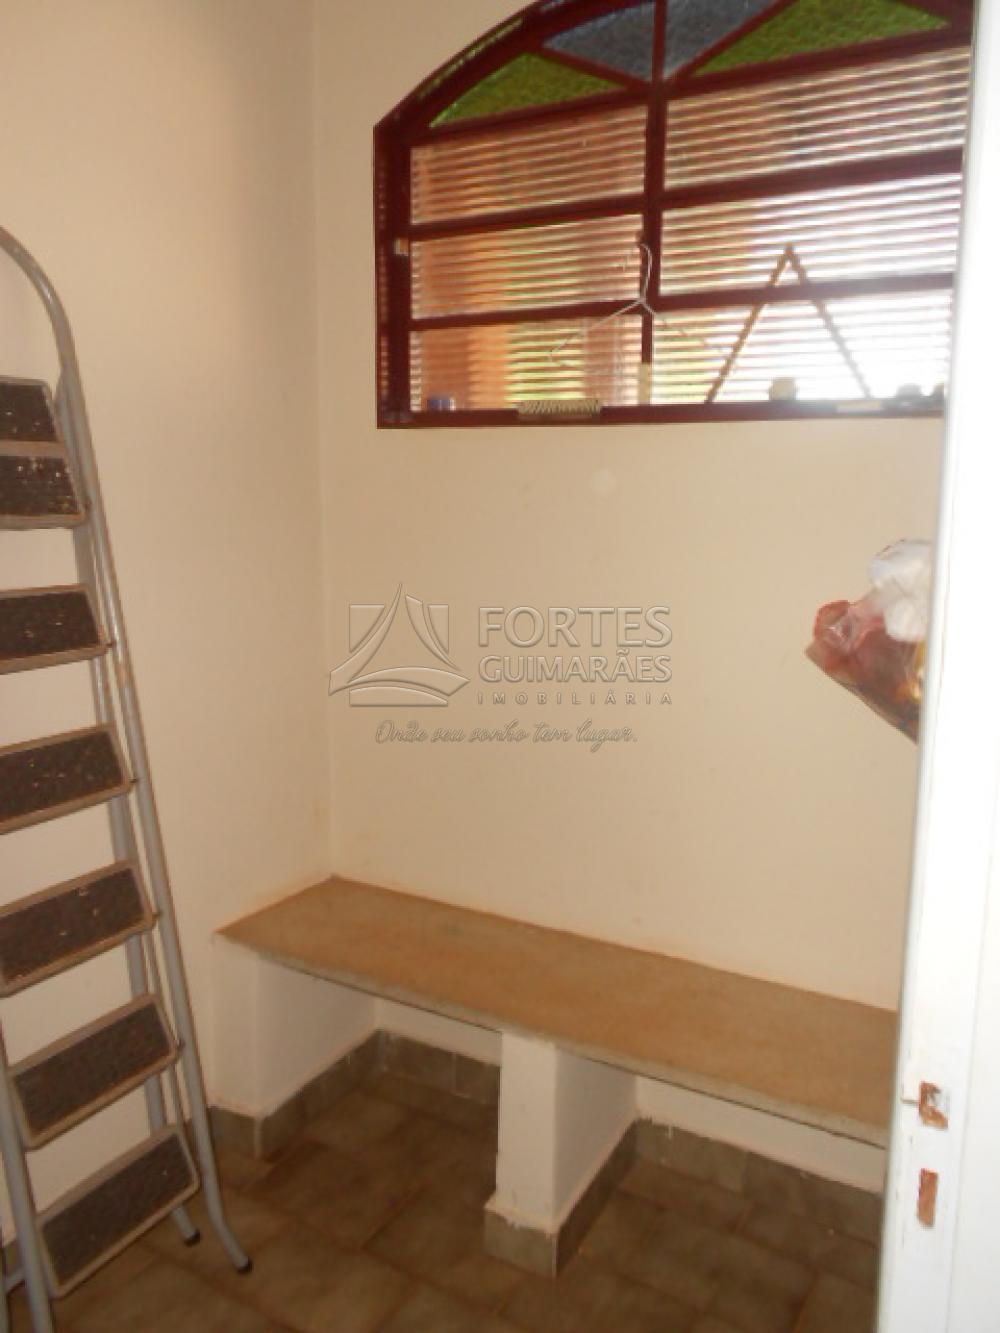 Alugar Casas / Condomínio em Jardinópolis apenas R$ 2.500,00 - Foto 31